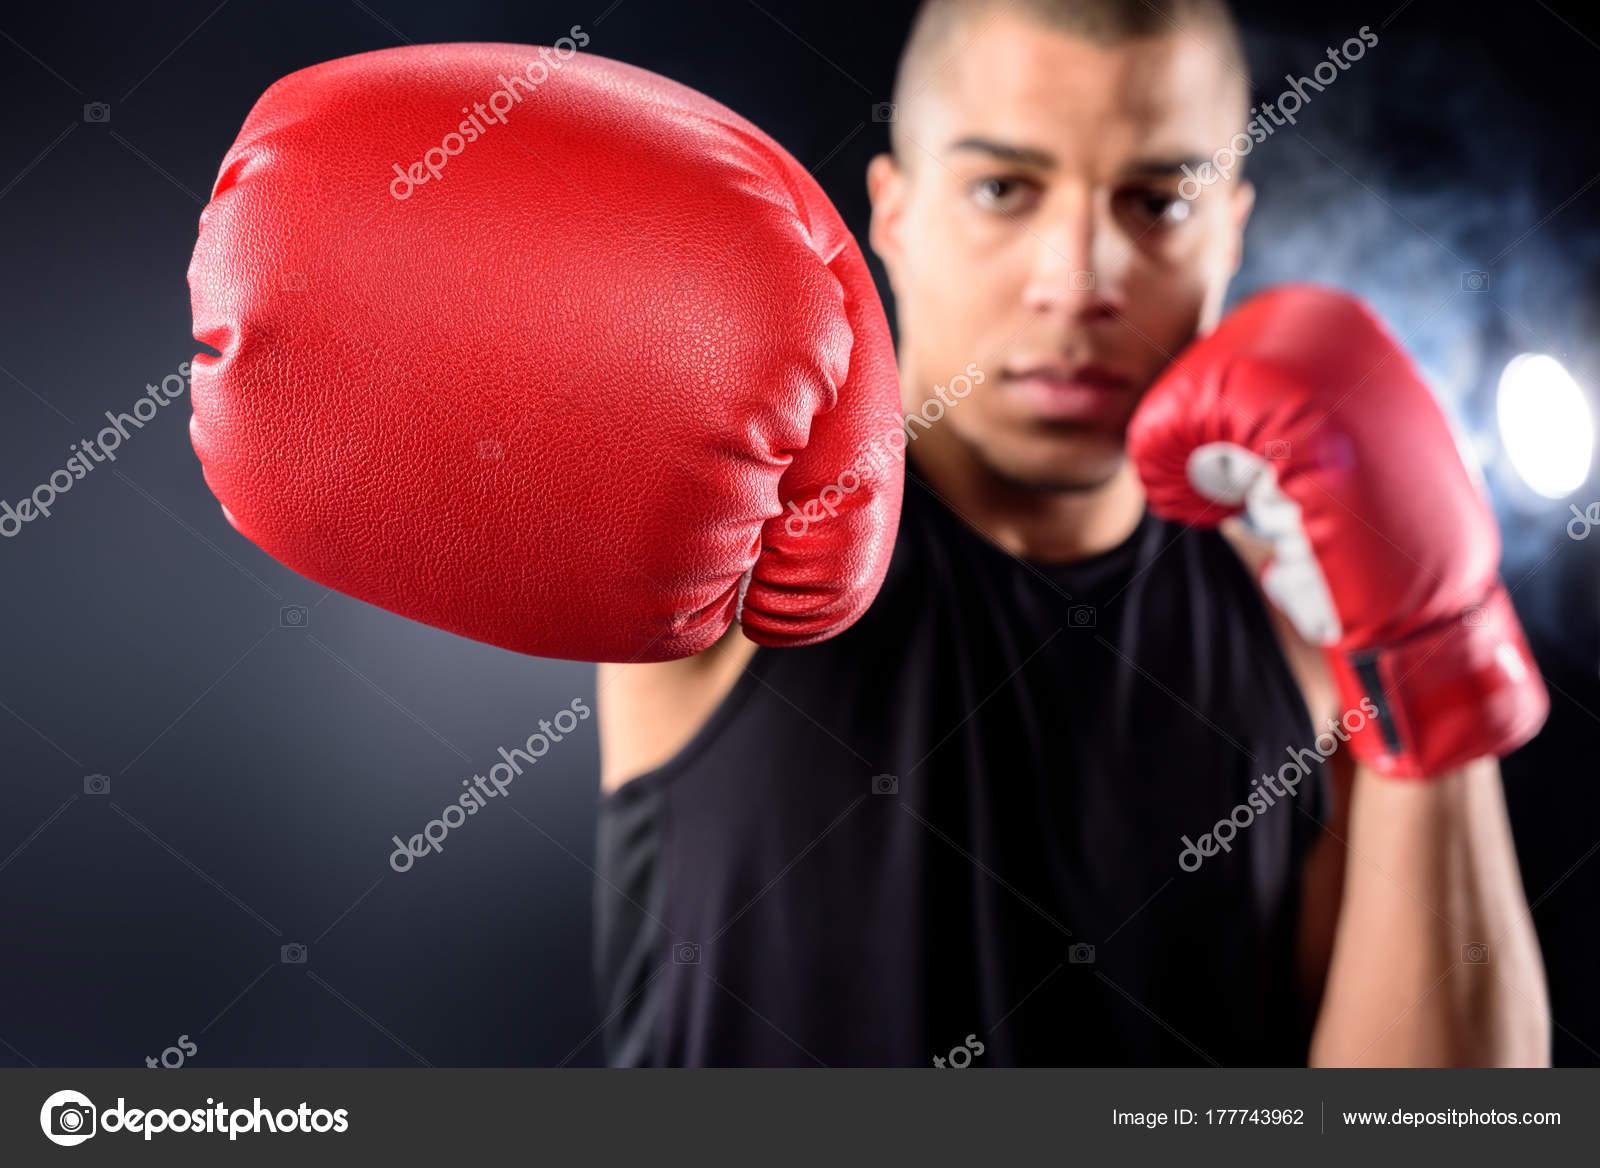 Уроки и советы по теме бокса